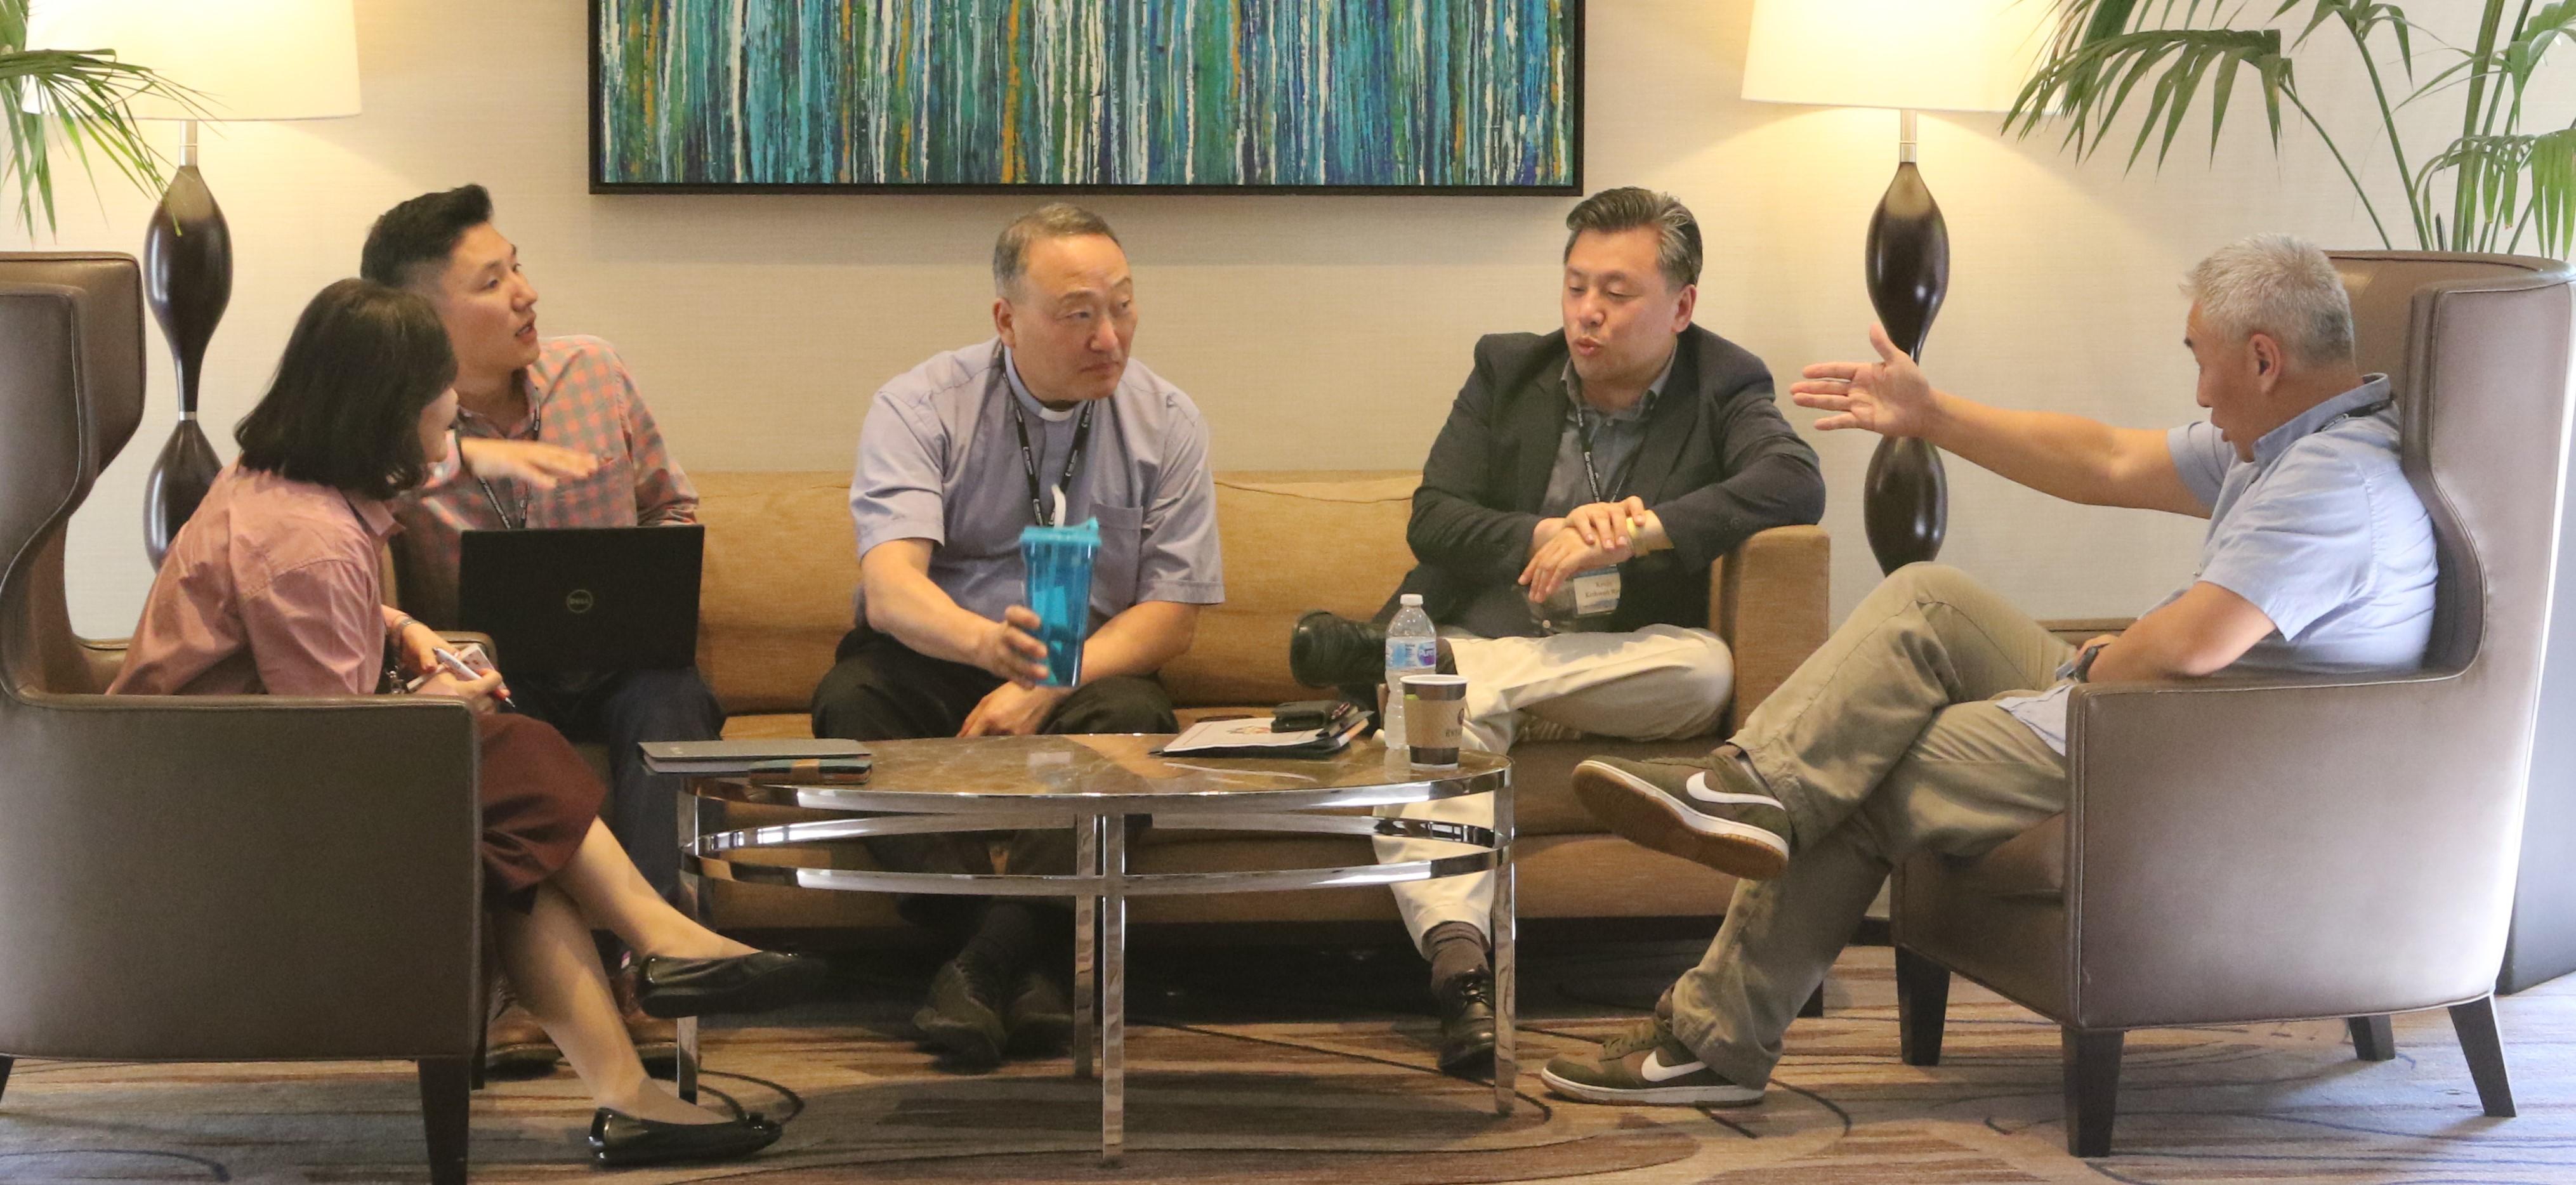 이성호목사(중앙)가 한인목회강화협의회 중 소그룹 모임에서 토론하고 있다. 사진 김응선 목사, UMNS.